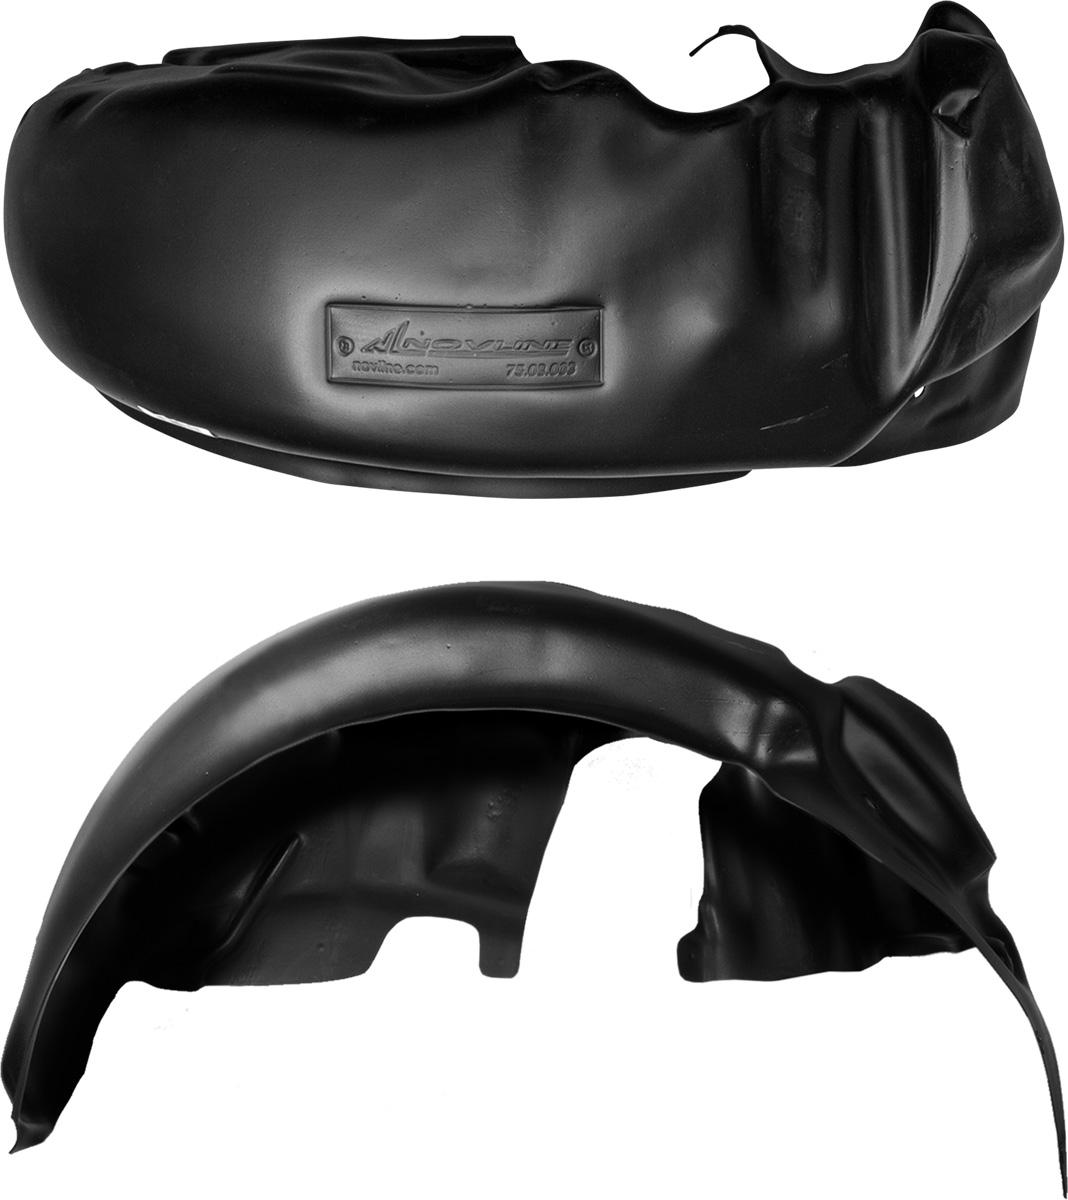 Подкрылок Novline-Autofamily, для Mitsubishi L200, 2007, 2010-> с расширителями арок, передний правый42803003Колесные ниши - одни из самых уязвимых зон днища вашего автомобиля. Они постоянно подвергаются воздействию со стороны дороги. Лучшая, почти абсолютная защита для них - специально отформованные пластиковые кожухи, которые называются подкрылками. Производятся они как для отечественных моделей автомобилей, так и для иномарок. Подкрылки Novline-Autofamily выполнены из высококачественного, экологически чистого пластика. Обеспечивают надежную защиту кузова автомобиля от пескоструйного эффекта и негативного влияния, агрессивных антигололедных реагентов. Пластик обладает более низкой теплопроводностью, чем металл, поэтому в зимний период эксплуатации использование пластиковых подкрылков позволяет лучше защитить колесные ниши от налипания снега и образования наледи. Оригинальность конструкции подчеркивает элегантность автомобиля, бережно защищает нанесенное на днище кузова антикоррозийное покрытие и позволяет осуществить крепление подкрылков внутри колесной арки практически без дополнительного крепежа и сверления, не нарушая при этом лакокрасочного покрытия, что предотвращает возникновение новых очагов коррозии. Подкрылки долговечны, обладают высокой прочностью и сохраняют заданную форму, а также все свои физико-механические характеристики в самых тяжелых климатических условиях (от -50°С до +50°С).Уважаемые клиенты!Обращаем ваше внимание, на тот факт, что подкрылок имеет форму, соответствующую модели данного автомобиля. Фото служит для визуального восприятия товара.